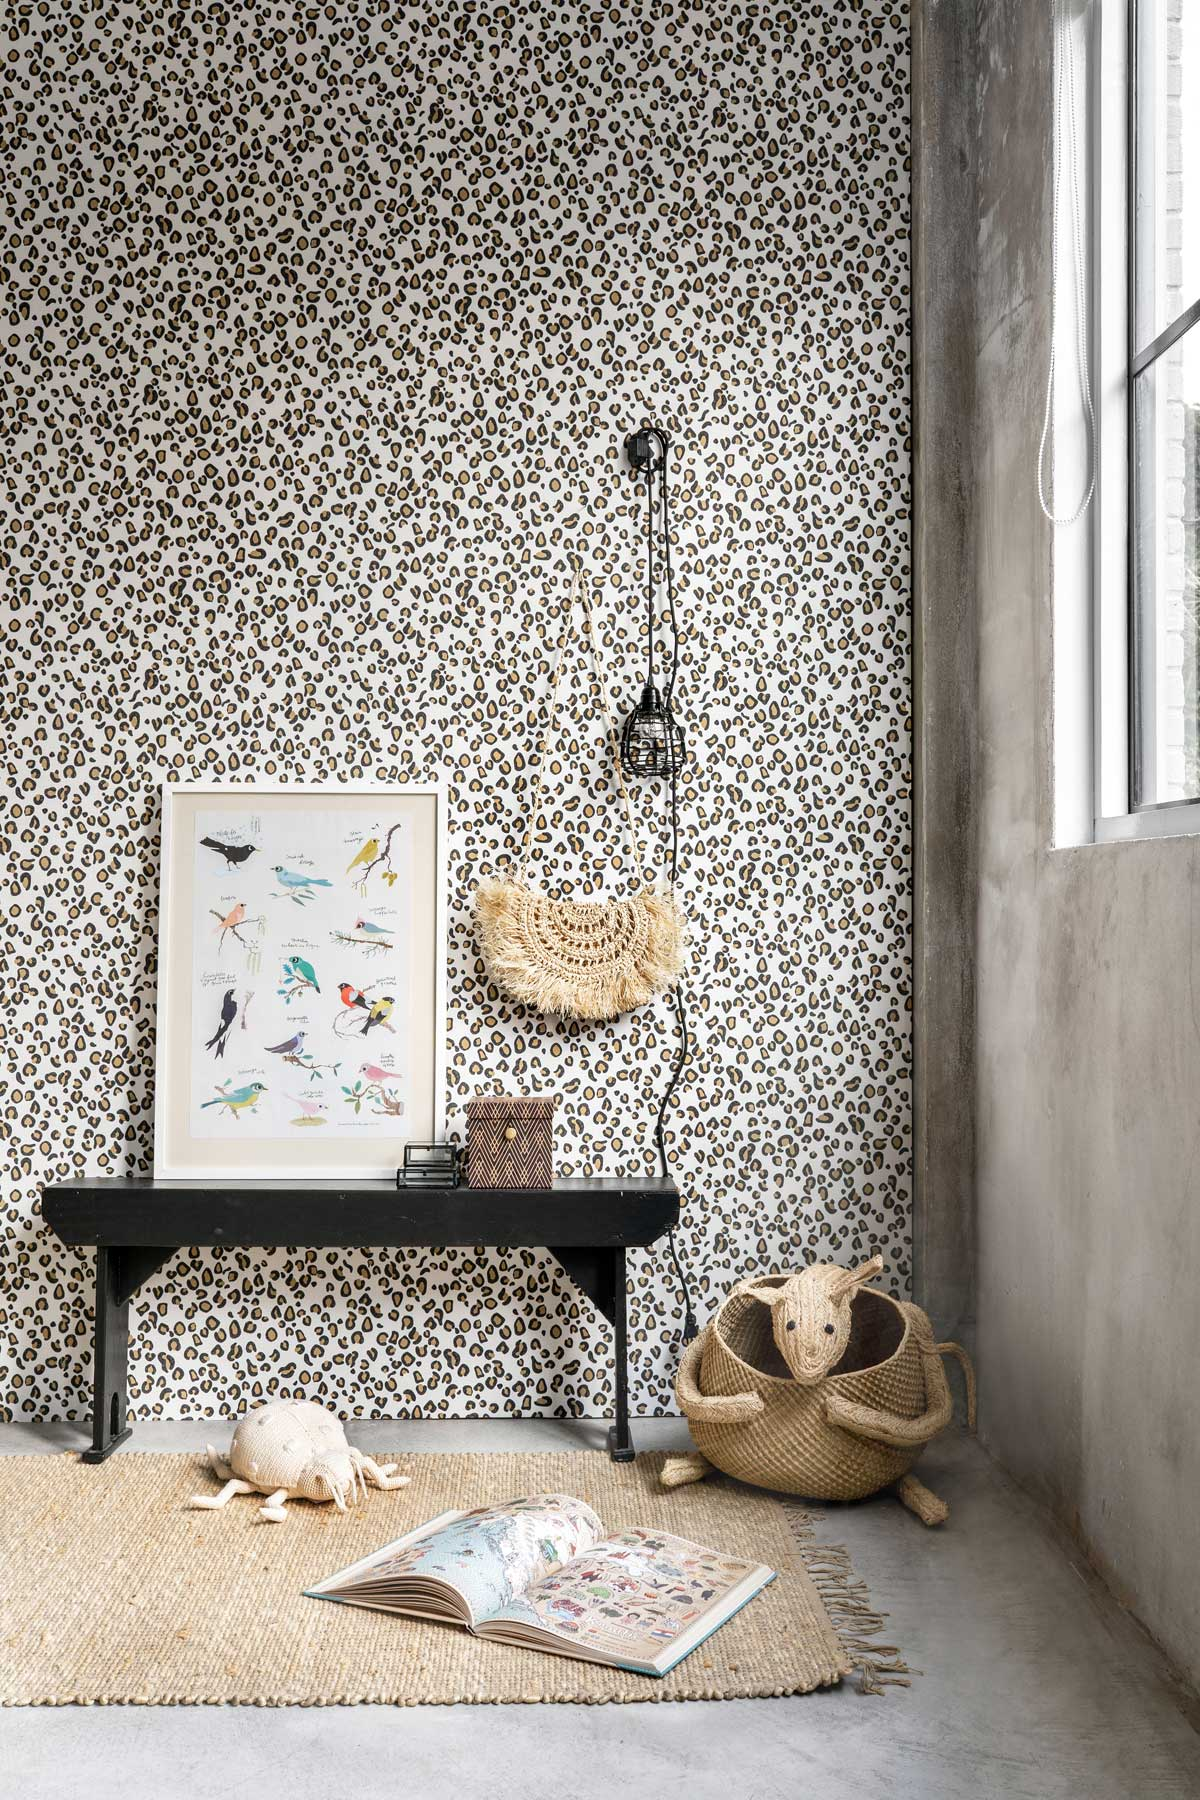 Studio Claas behang - Tanja van Hoogdalem